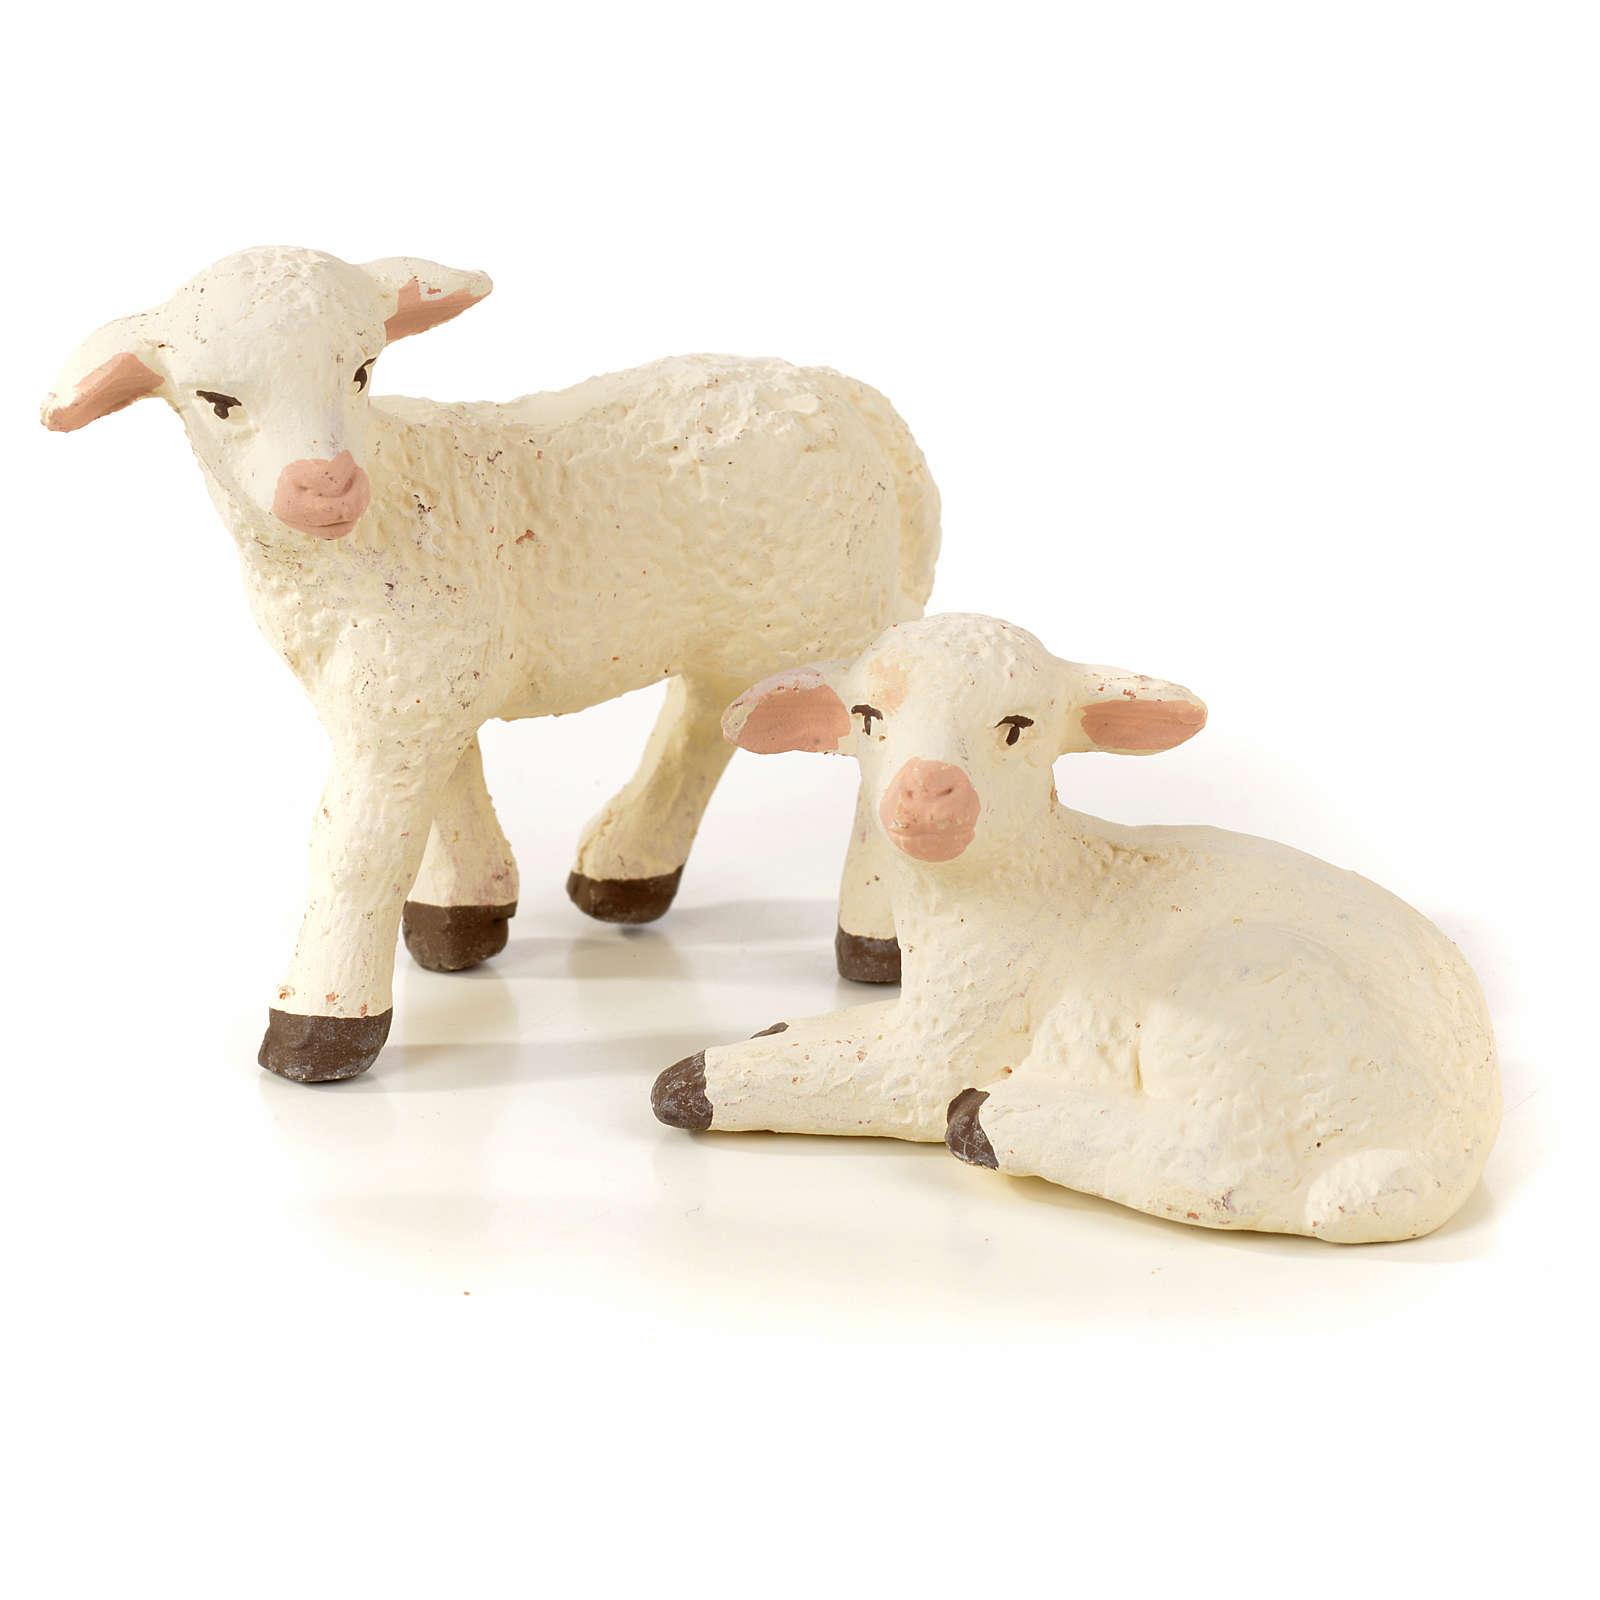 Cane oie 2 agneaux crèche Napolitaine 10-12 cm 4